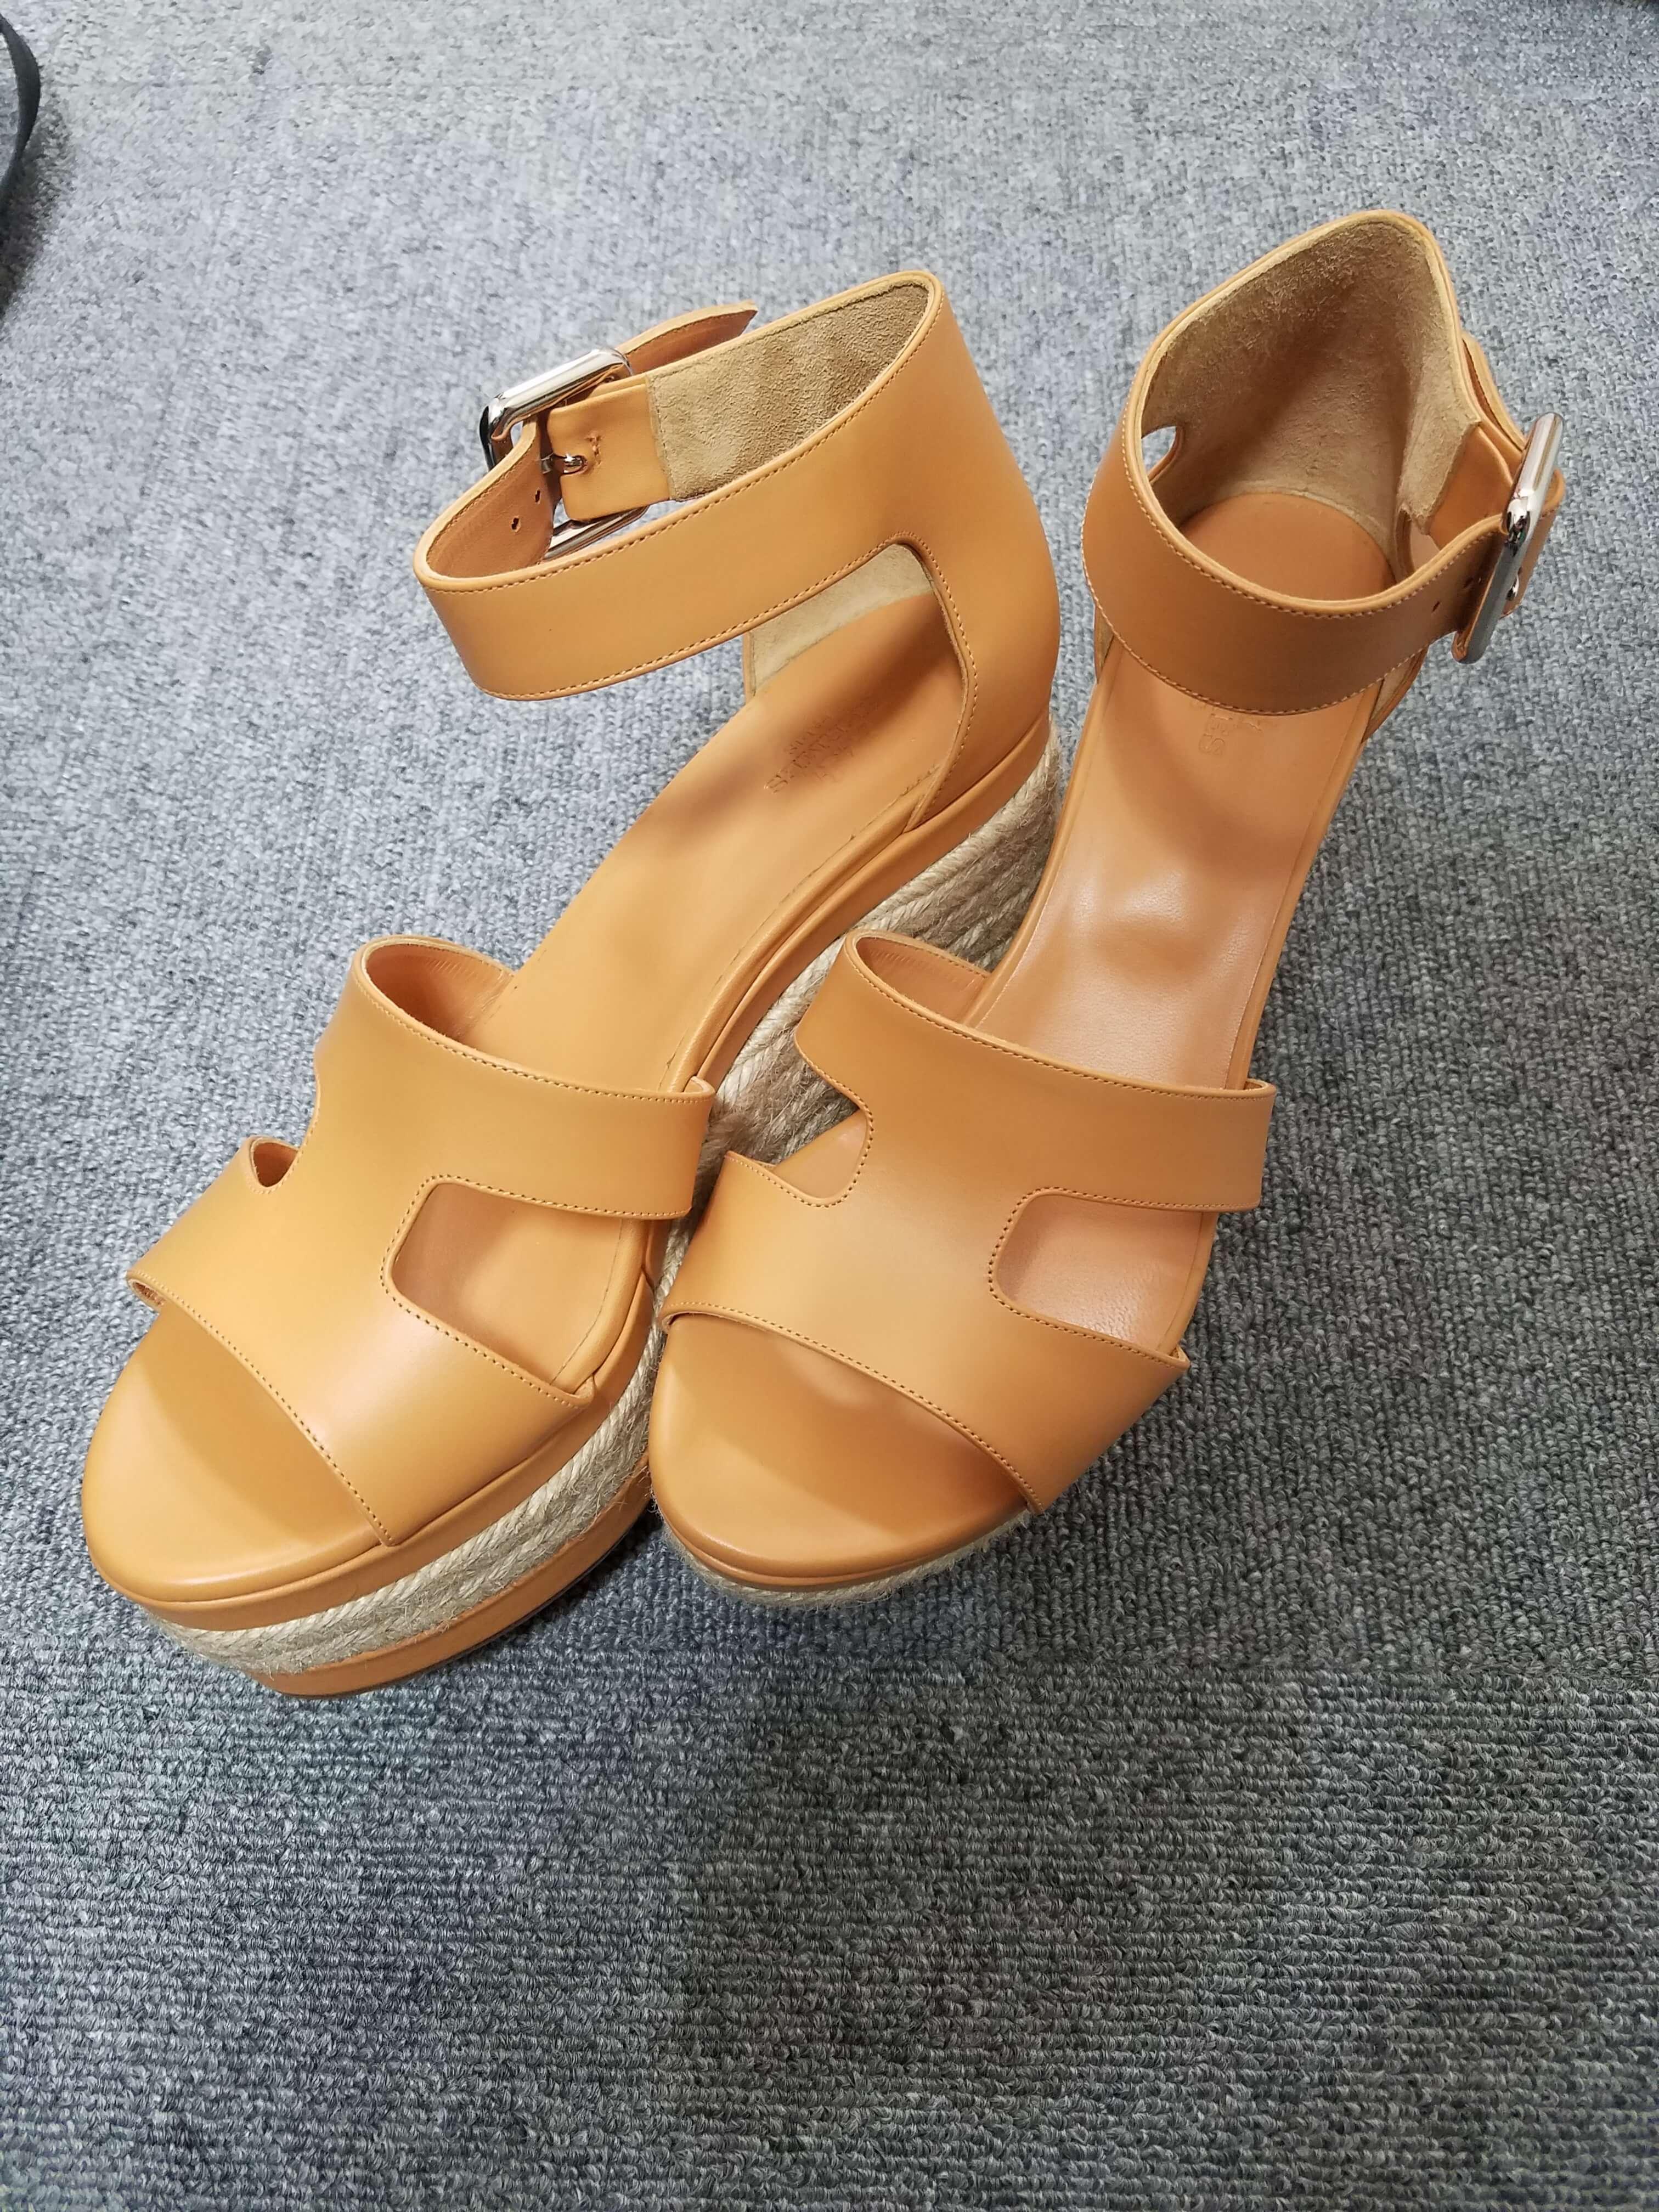 エルメス 靴(パンプス)